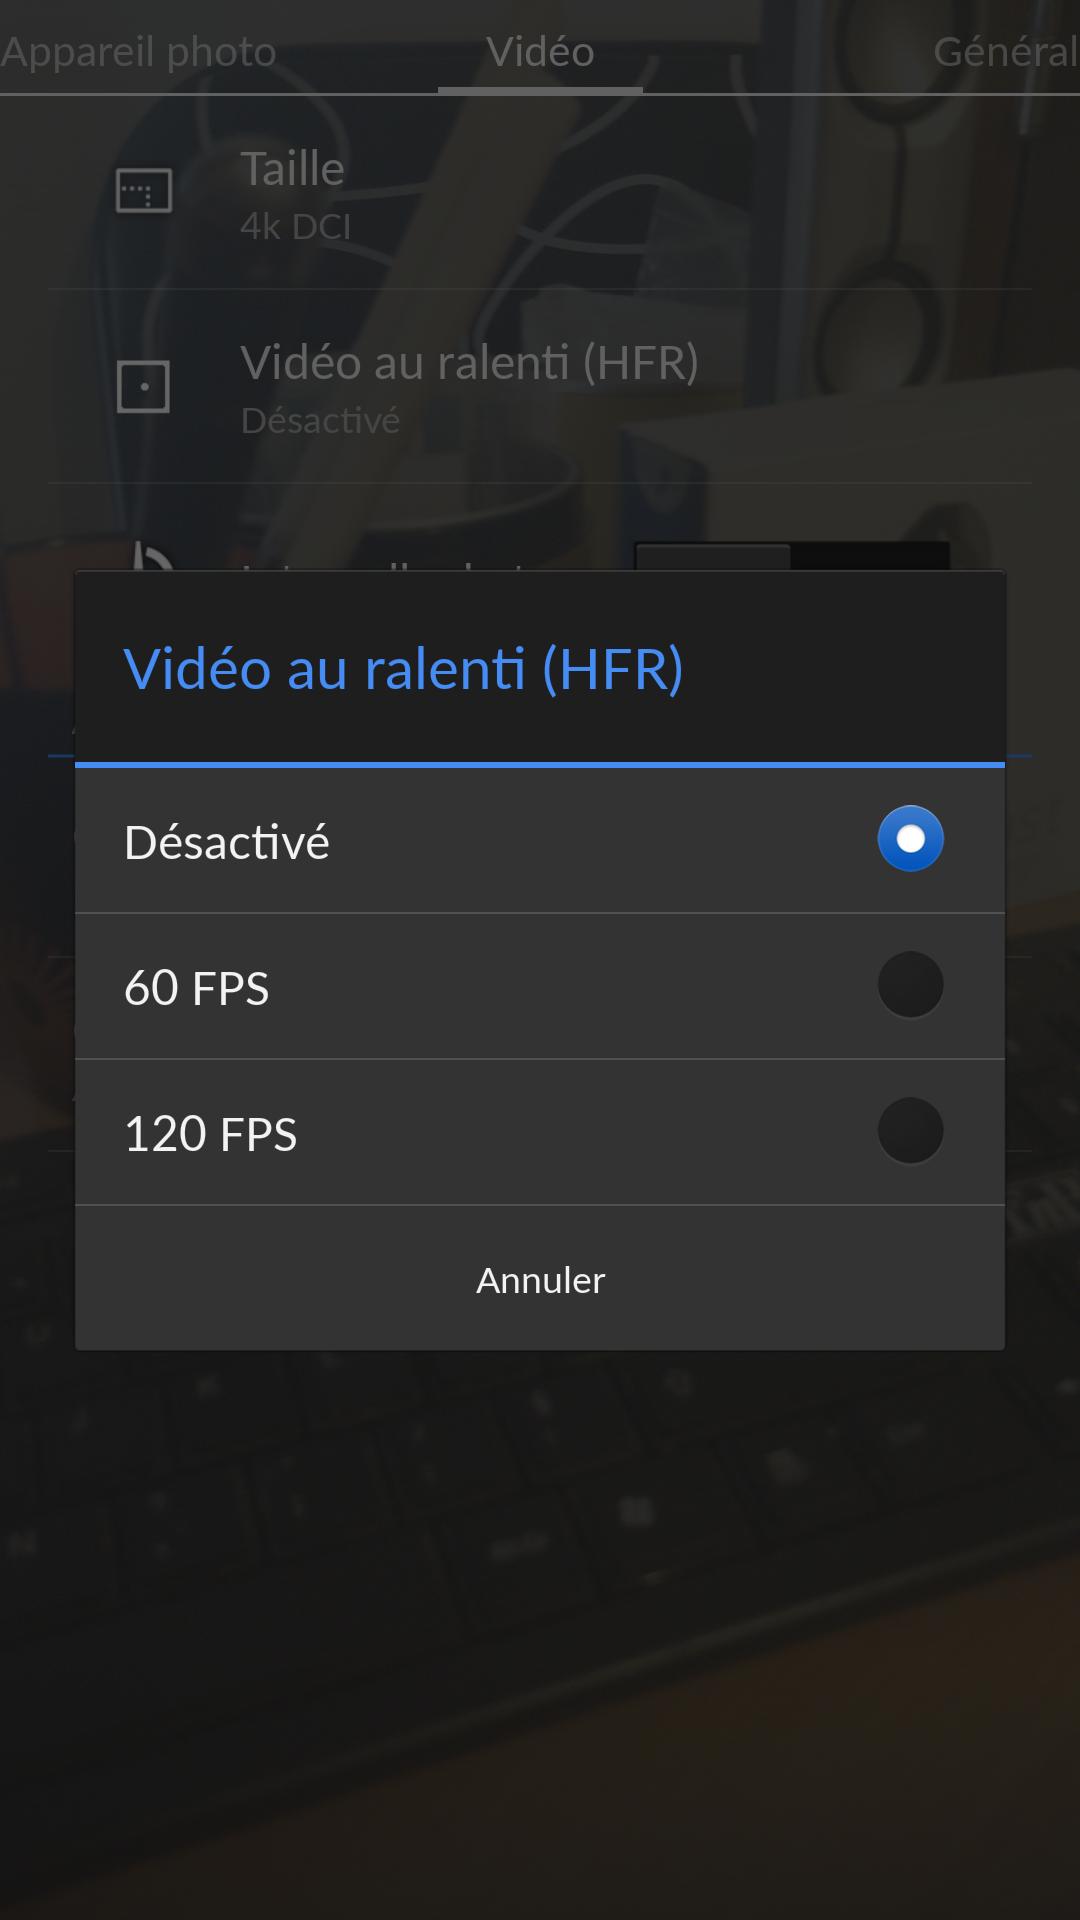 vidéo - HFR